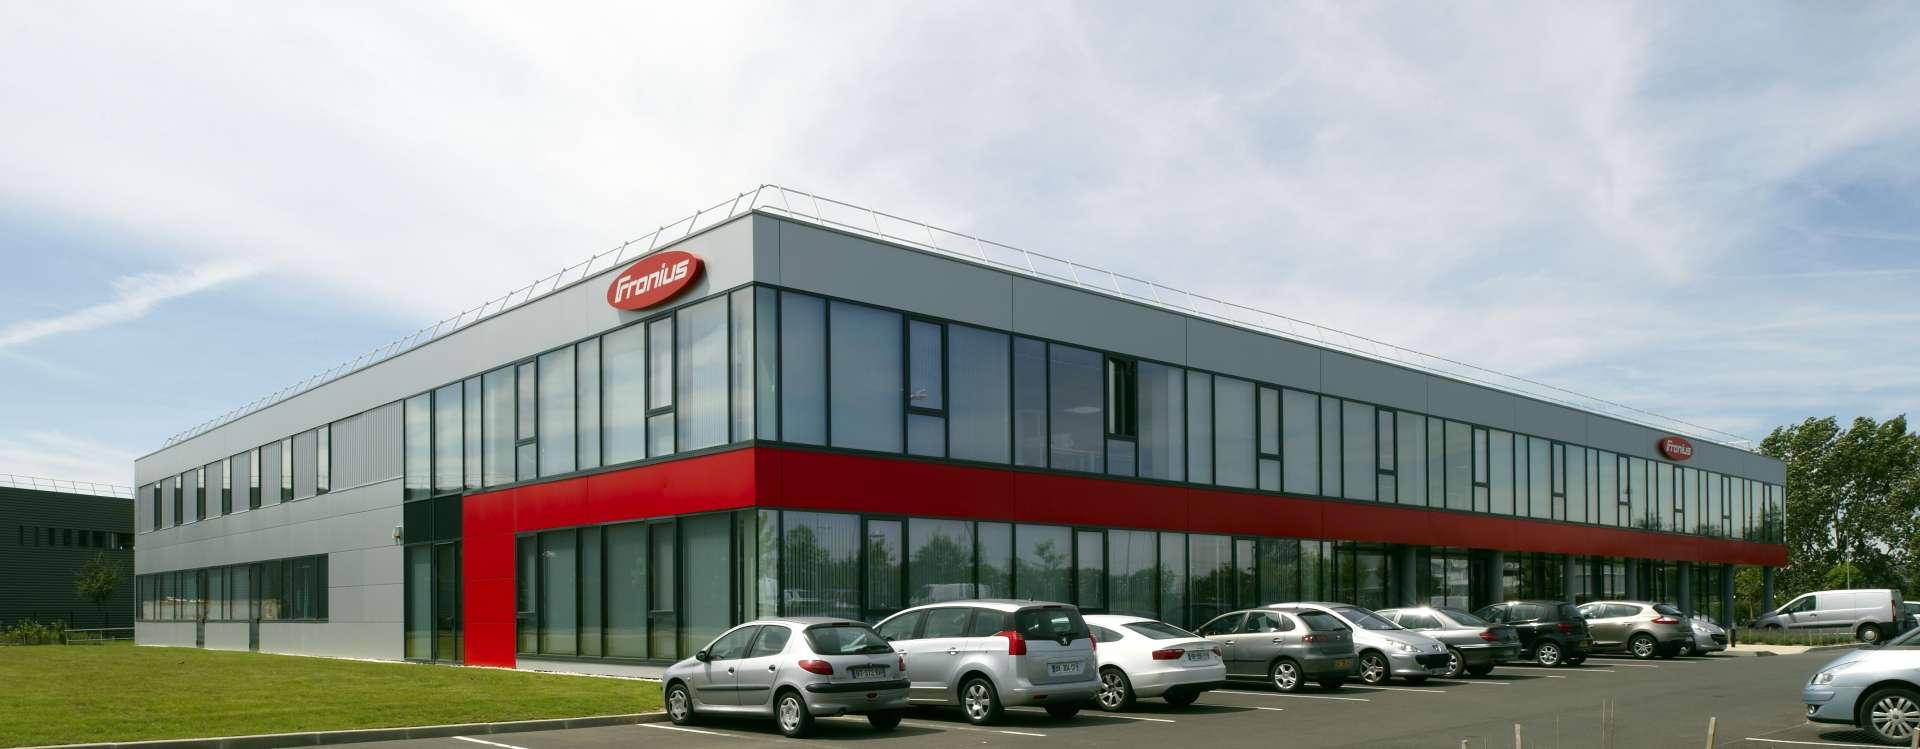 Fronius à Roissy, l'immobilier industriel innovant